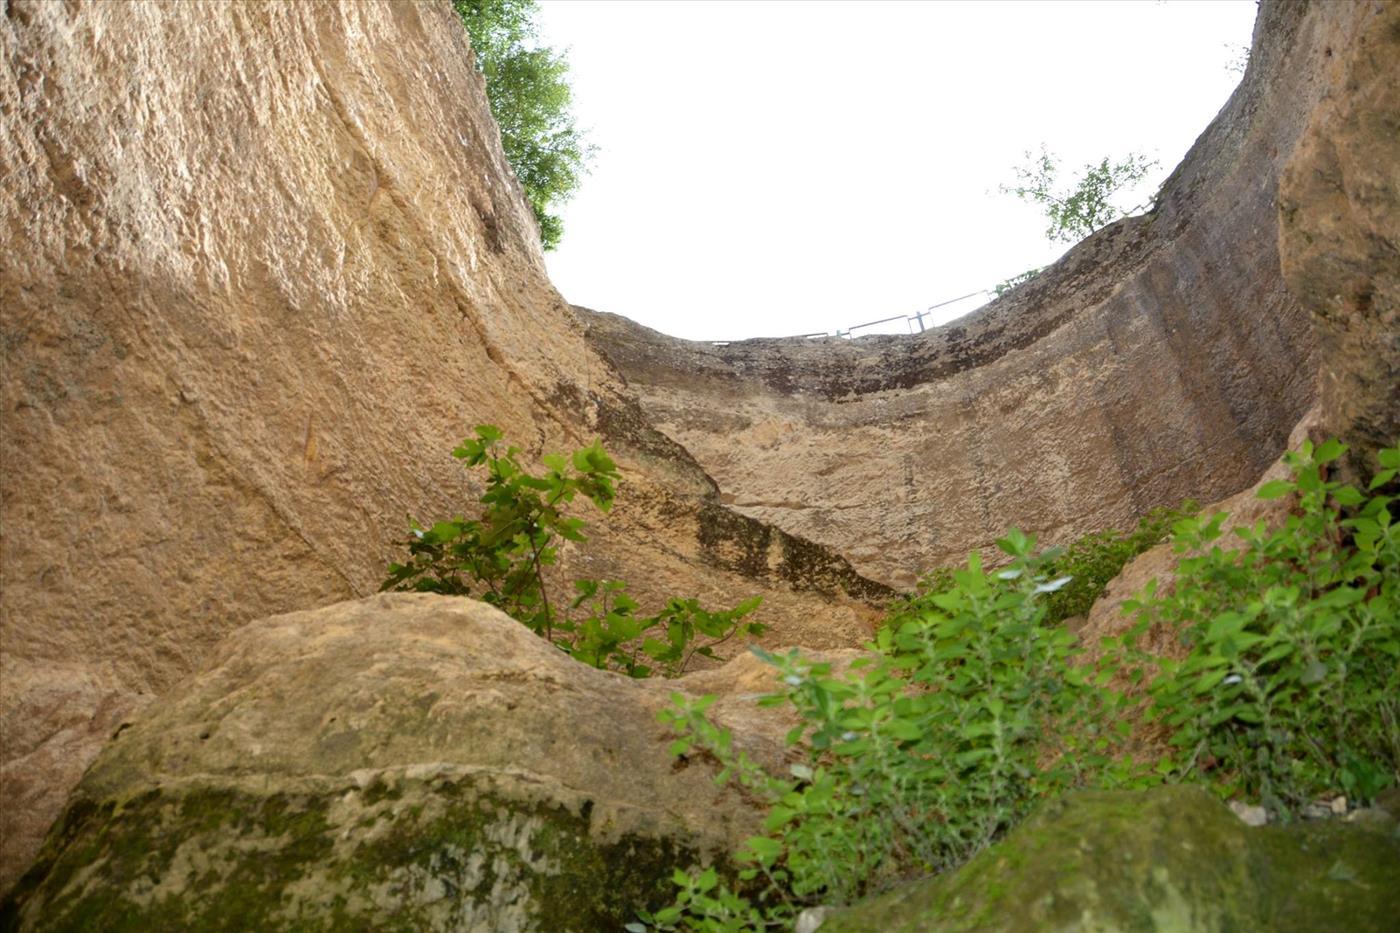 בור המים העתיק בגבעון (מאיר רוטר)